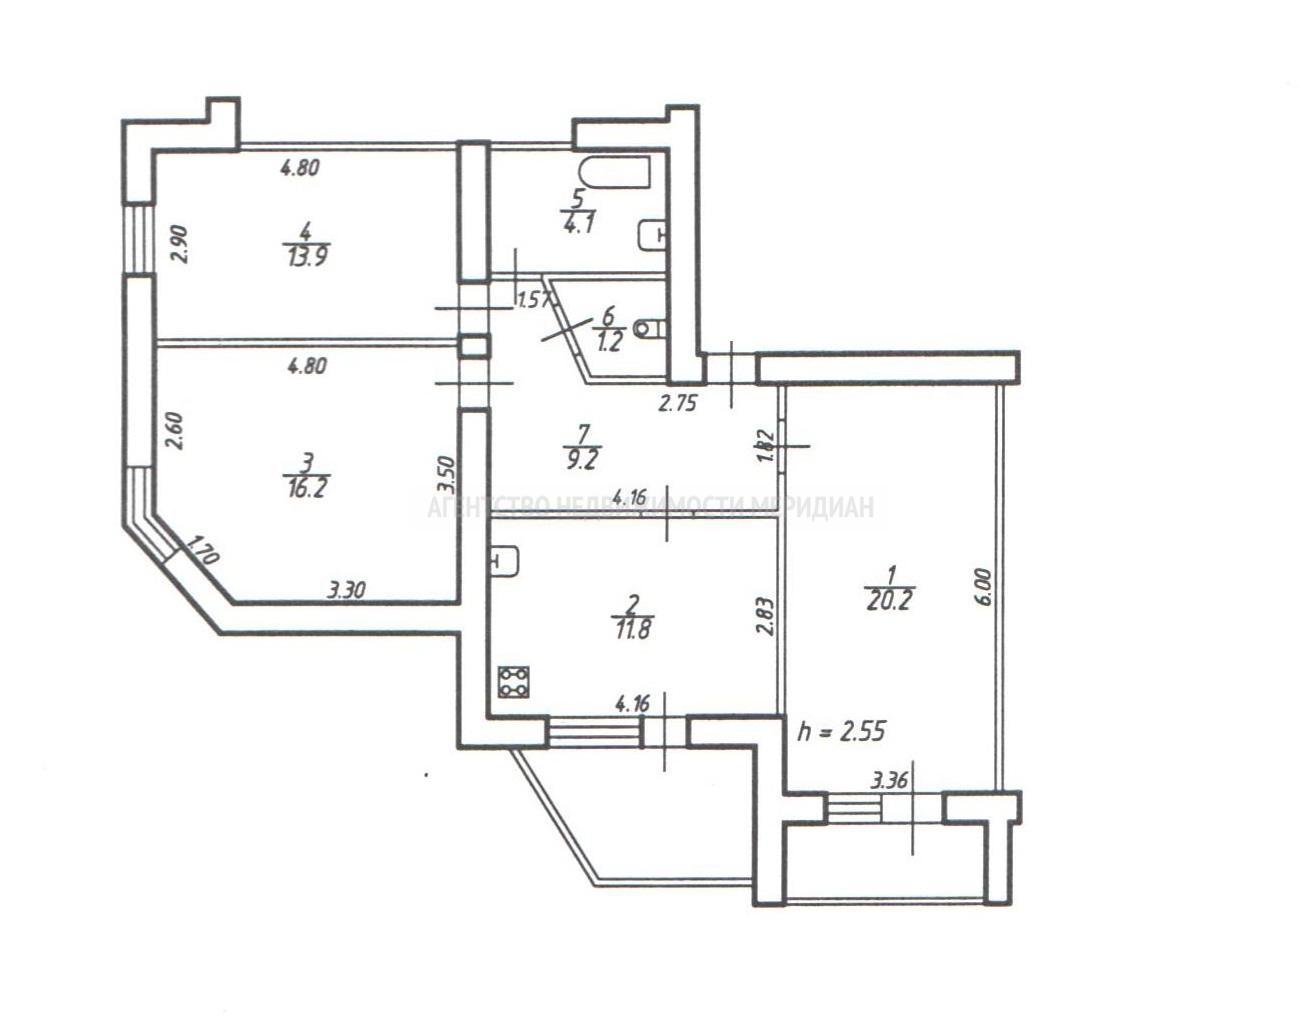 Квартира на продажу по адресу Россия, Ставропольский Край, городской округ Ставрополь, Ставрополь, улица Шпаковская, 115